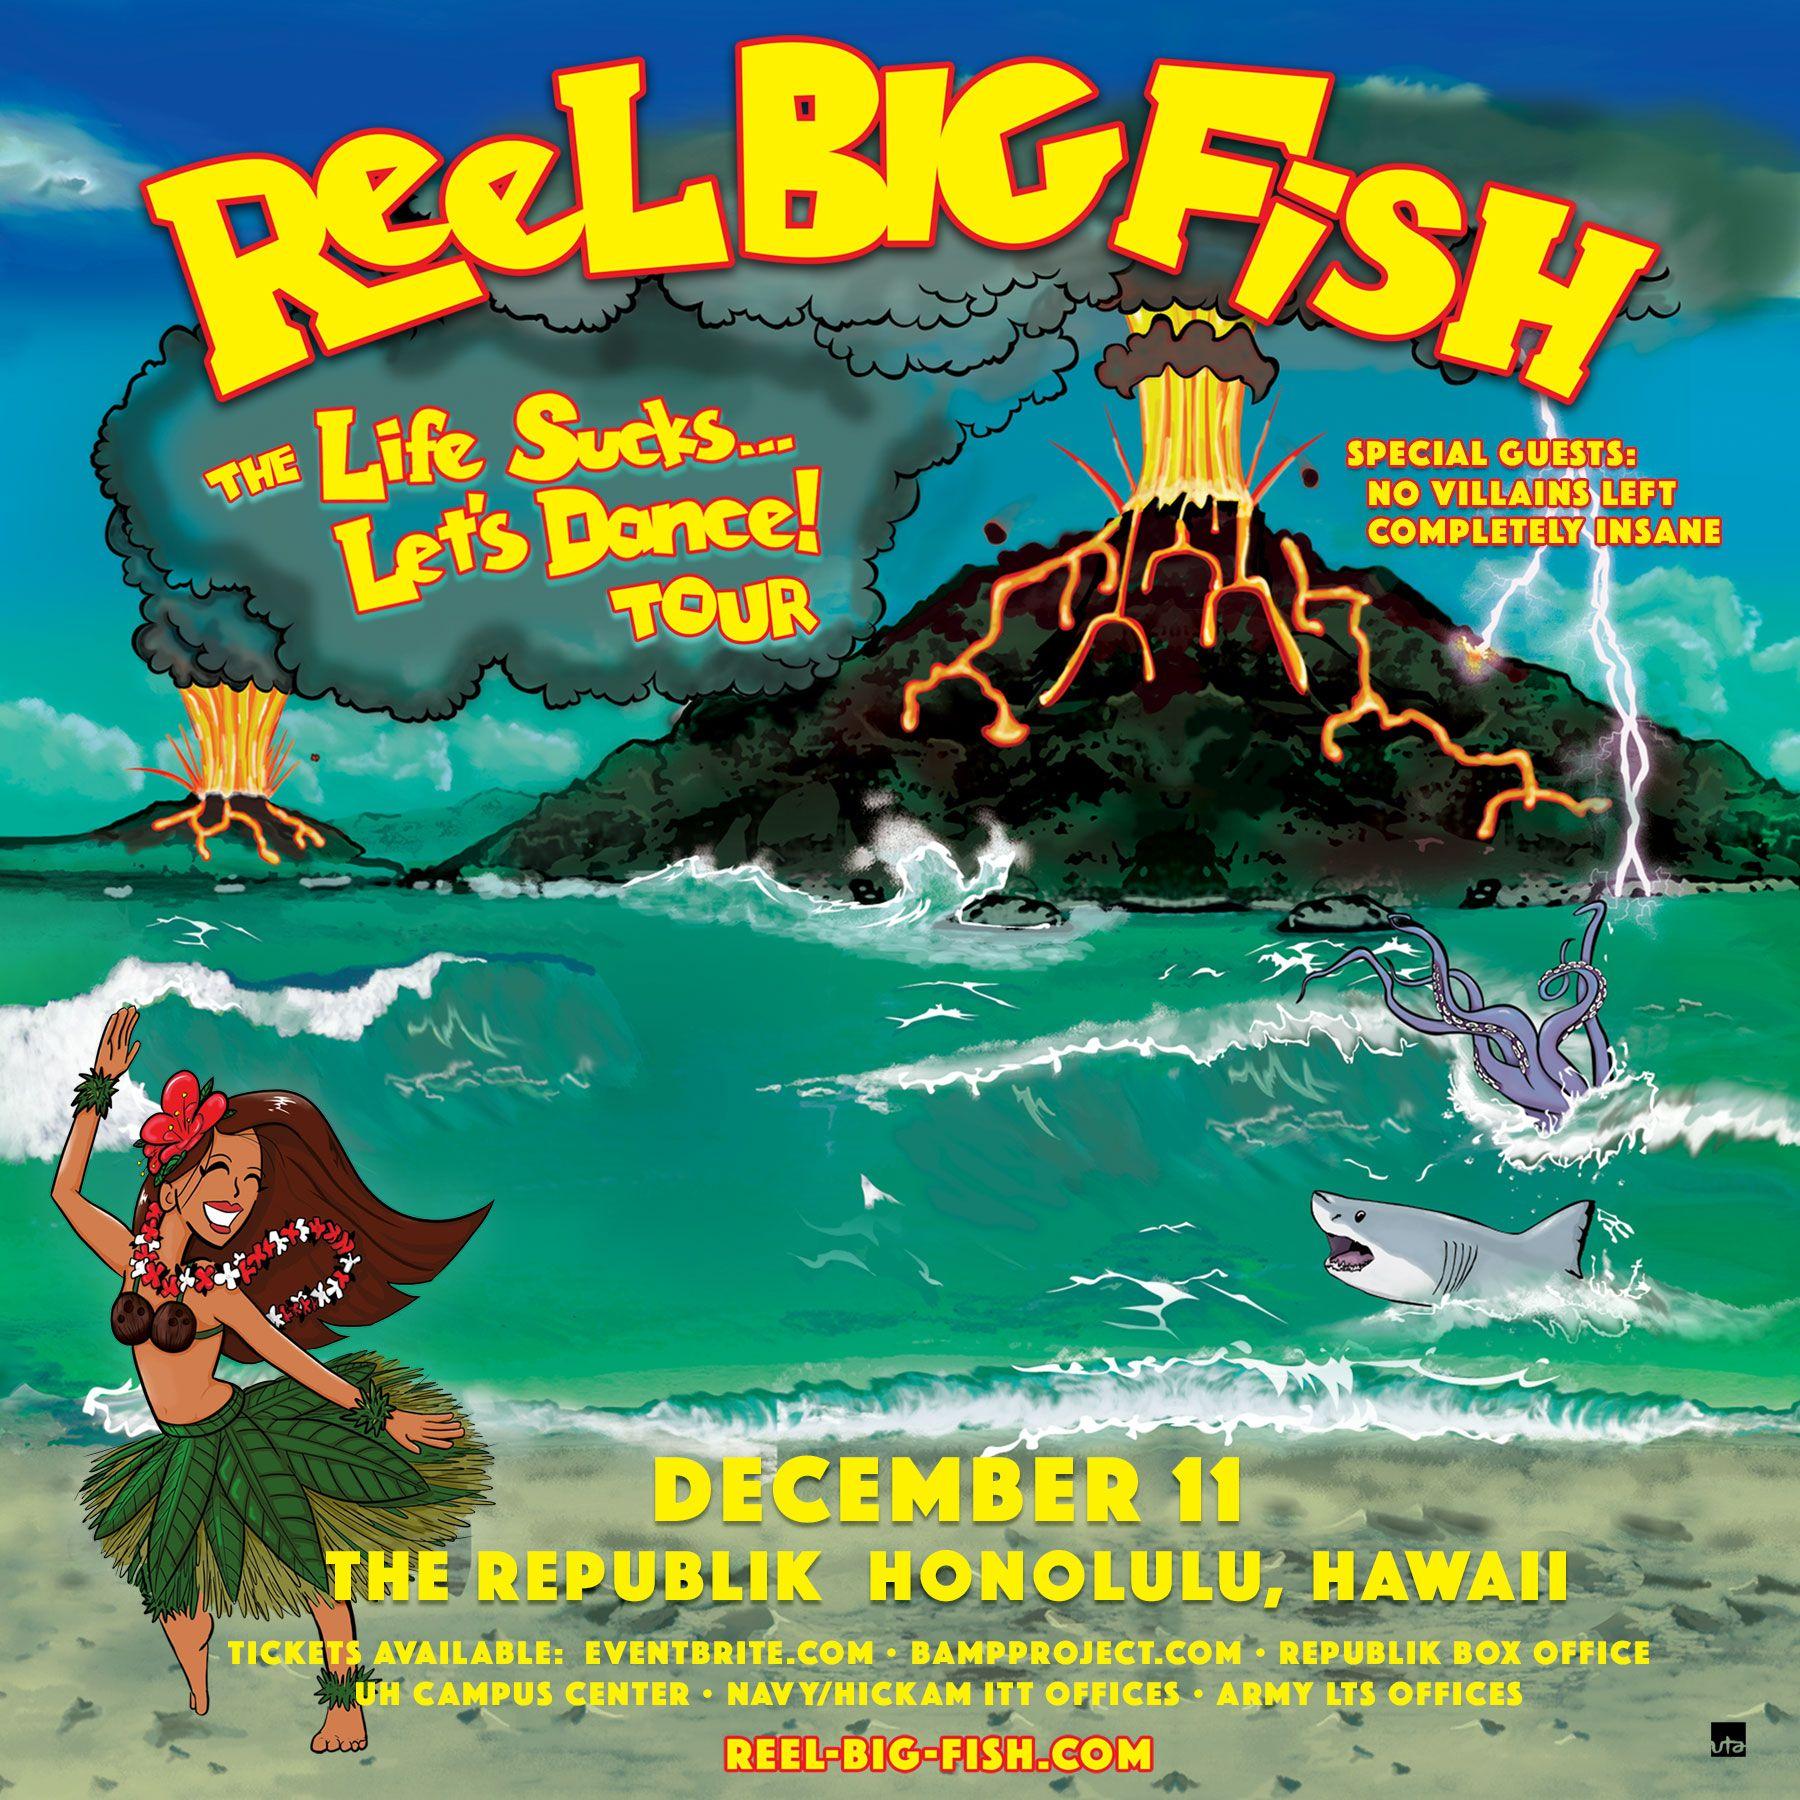 ReelBigFish_ig_1600x1600.jpg